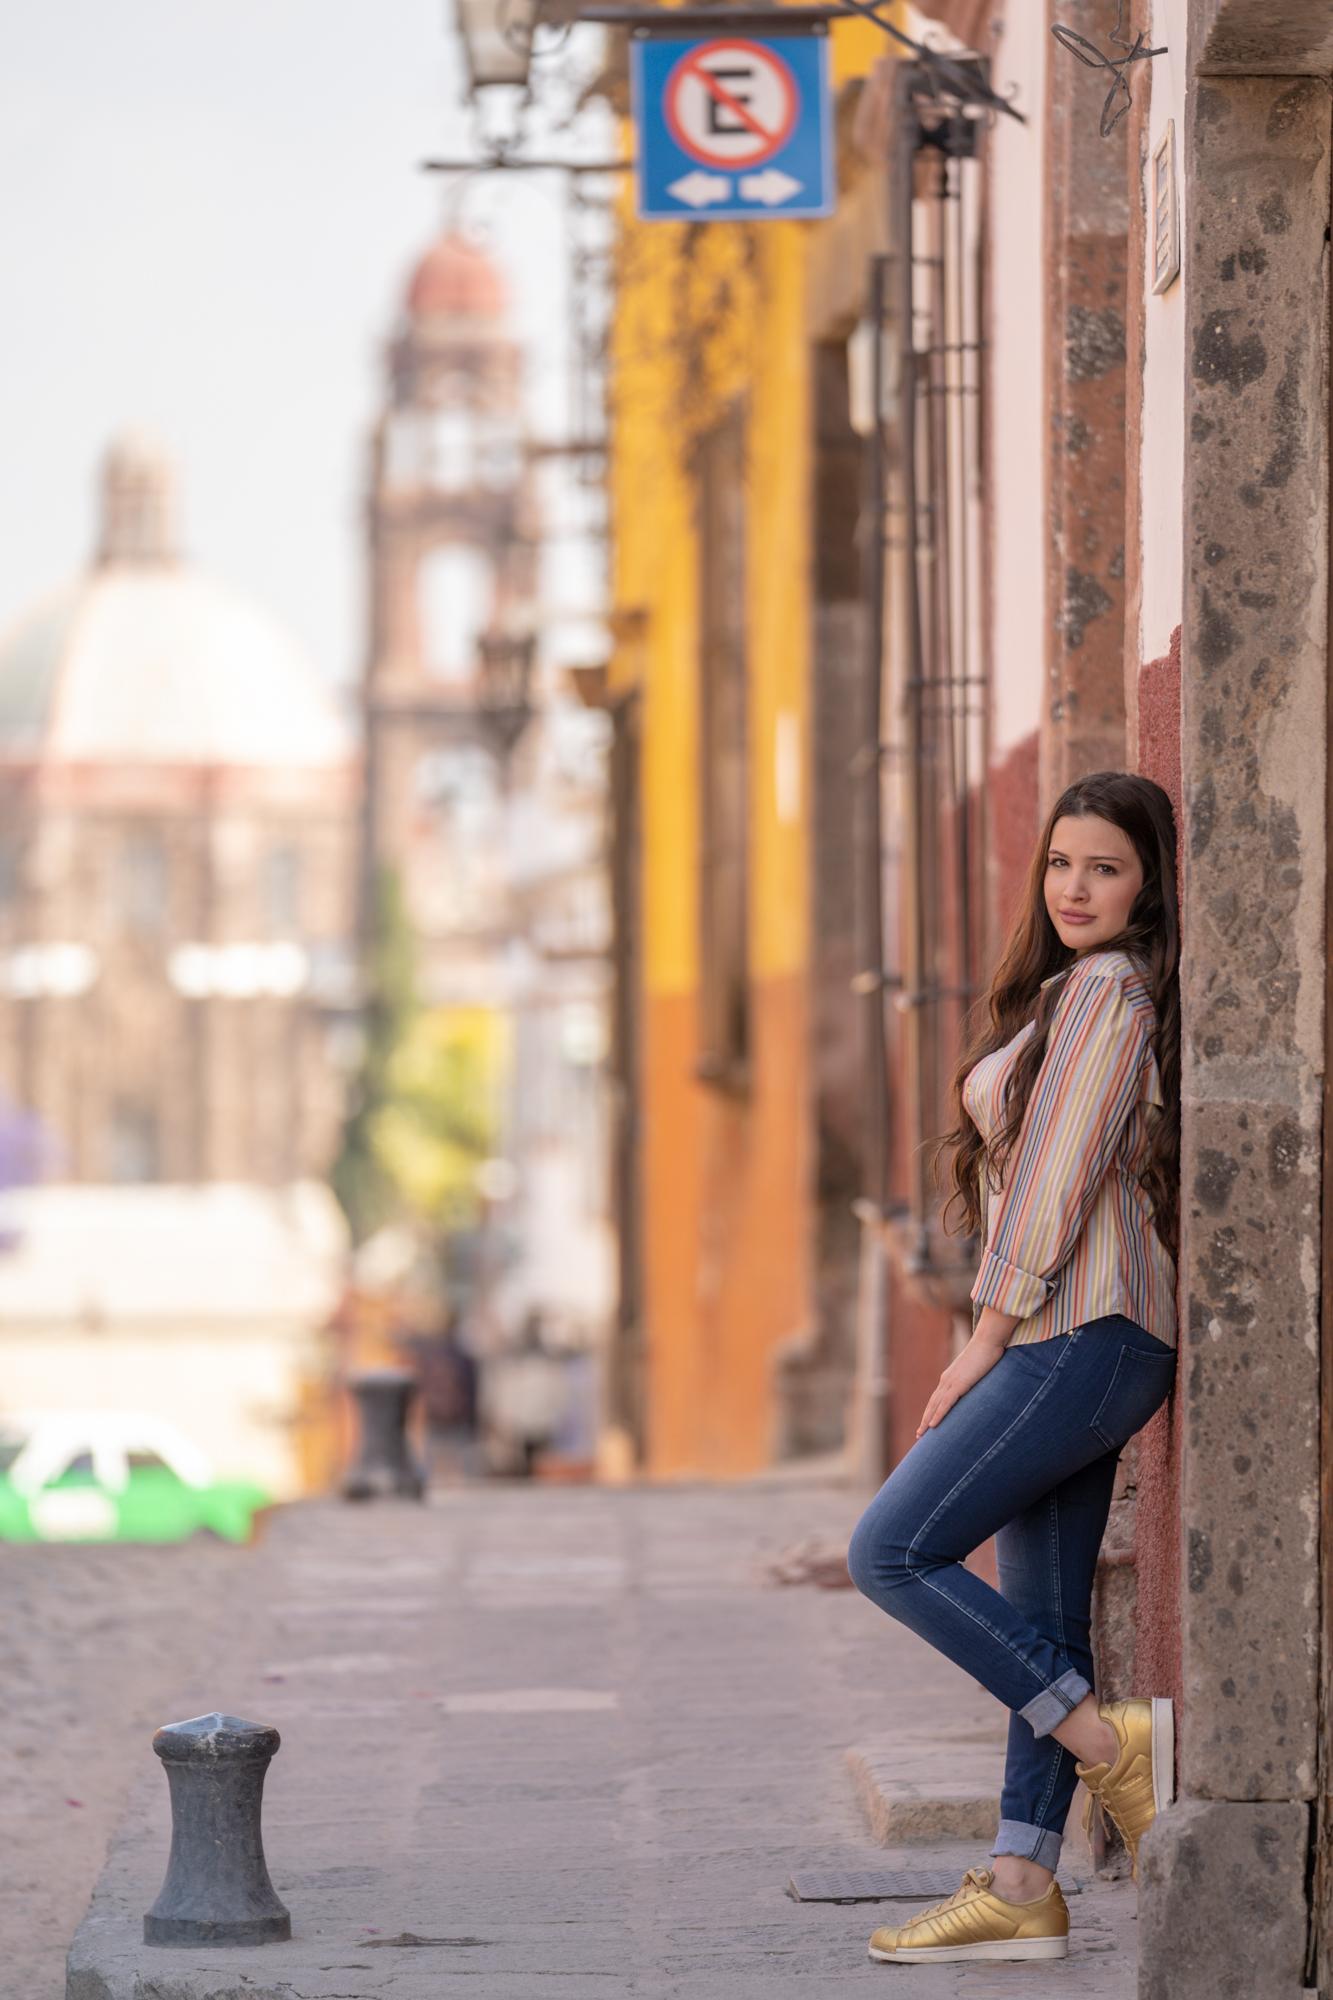 Sesion de Fotos en San Miguel de Allende con Rogelio y su Fmailia-29.jpg